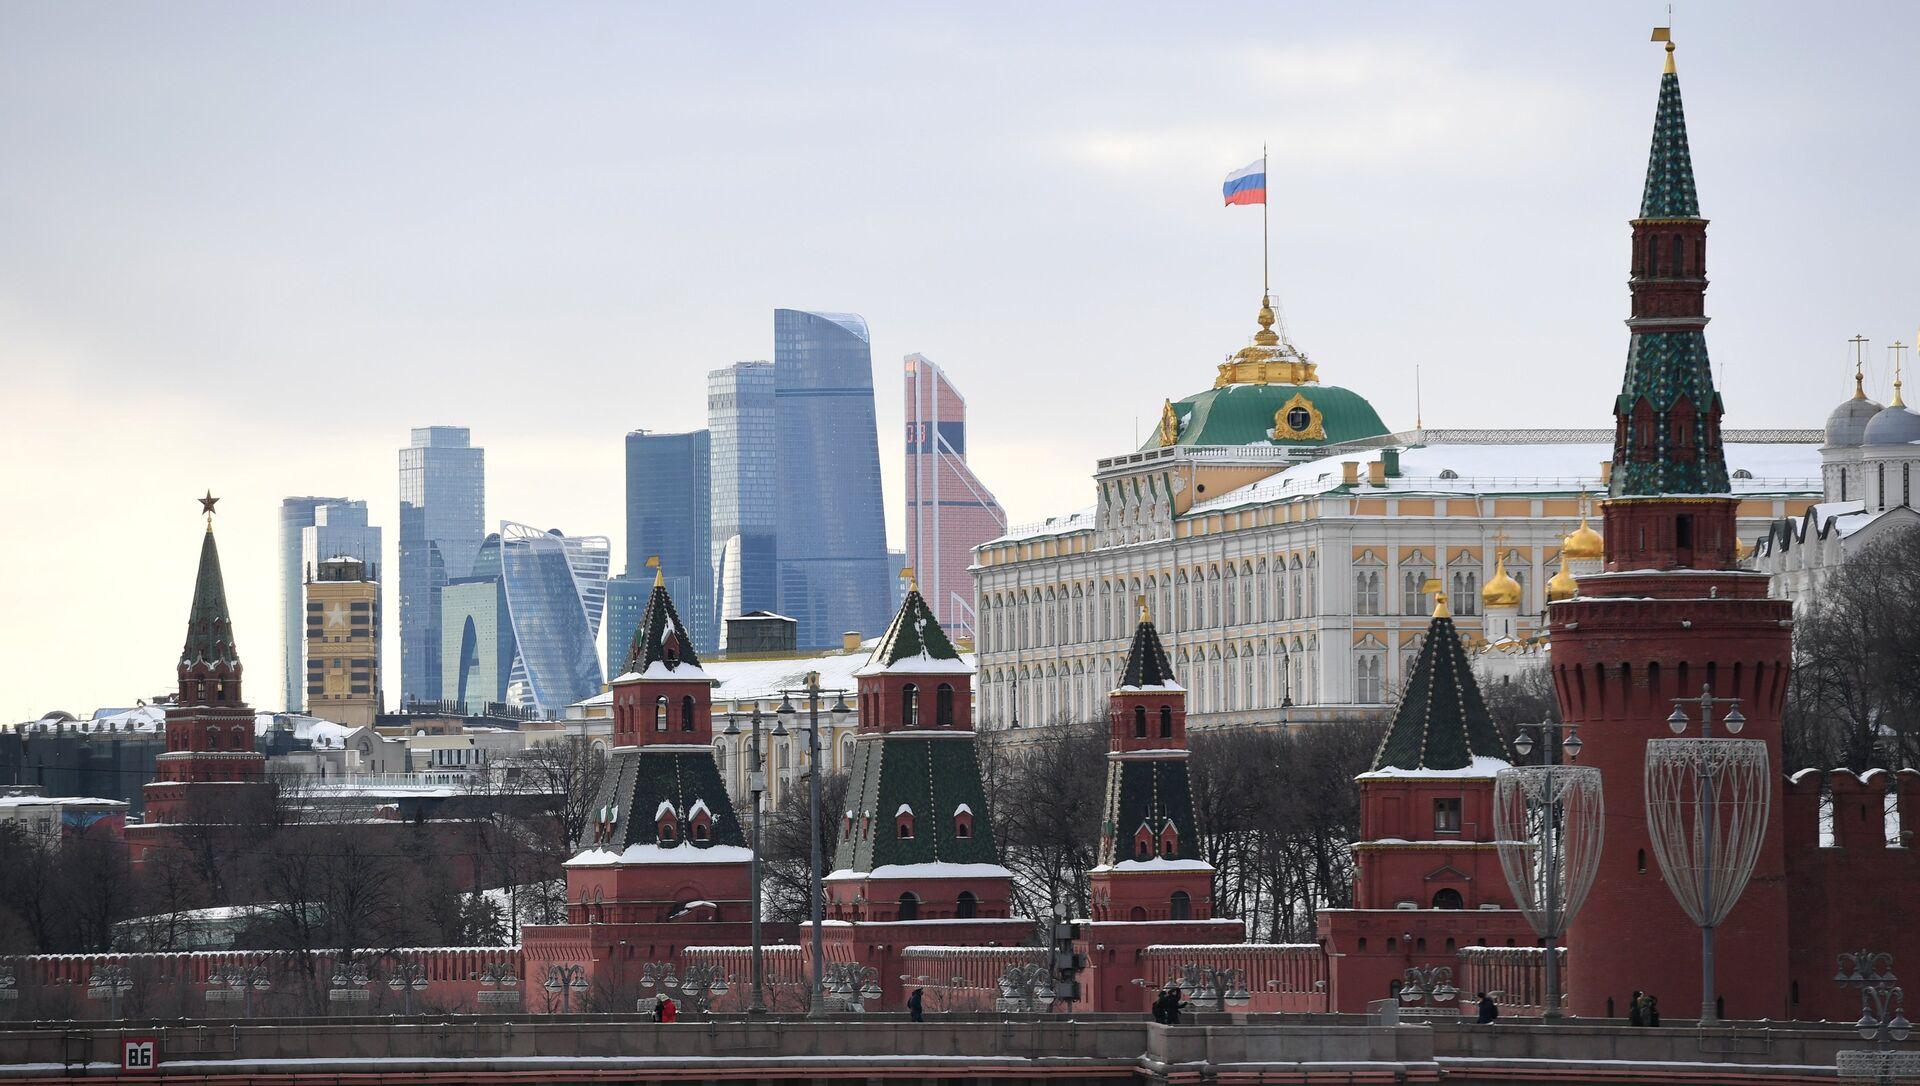 Московский Кремль и Кремлевская набережная - РИА Новости, 1920, 06.11.2020